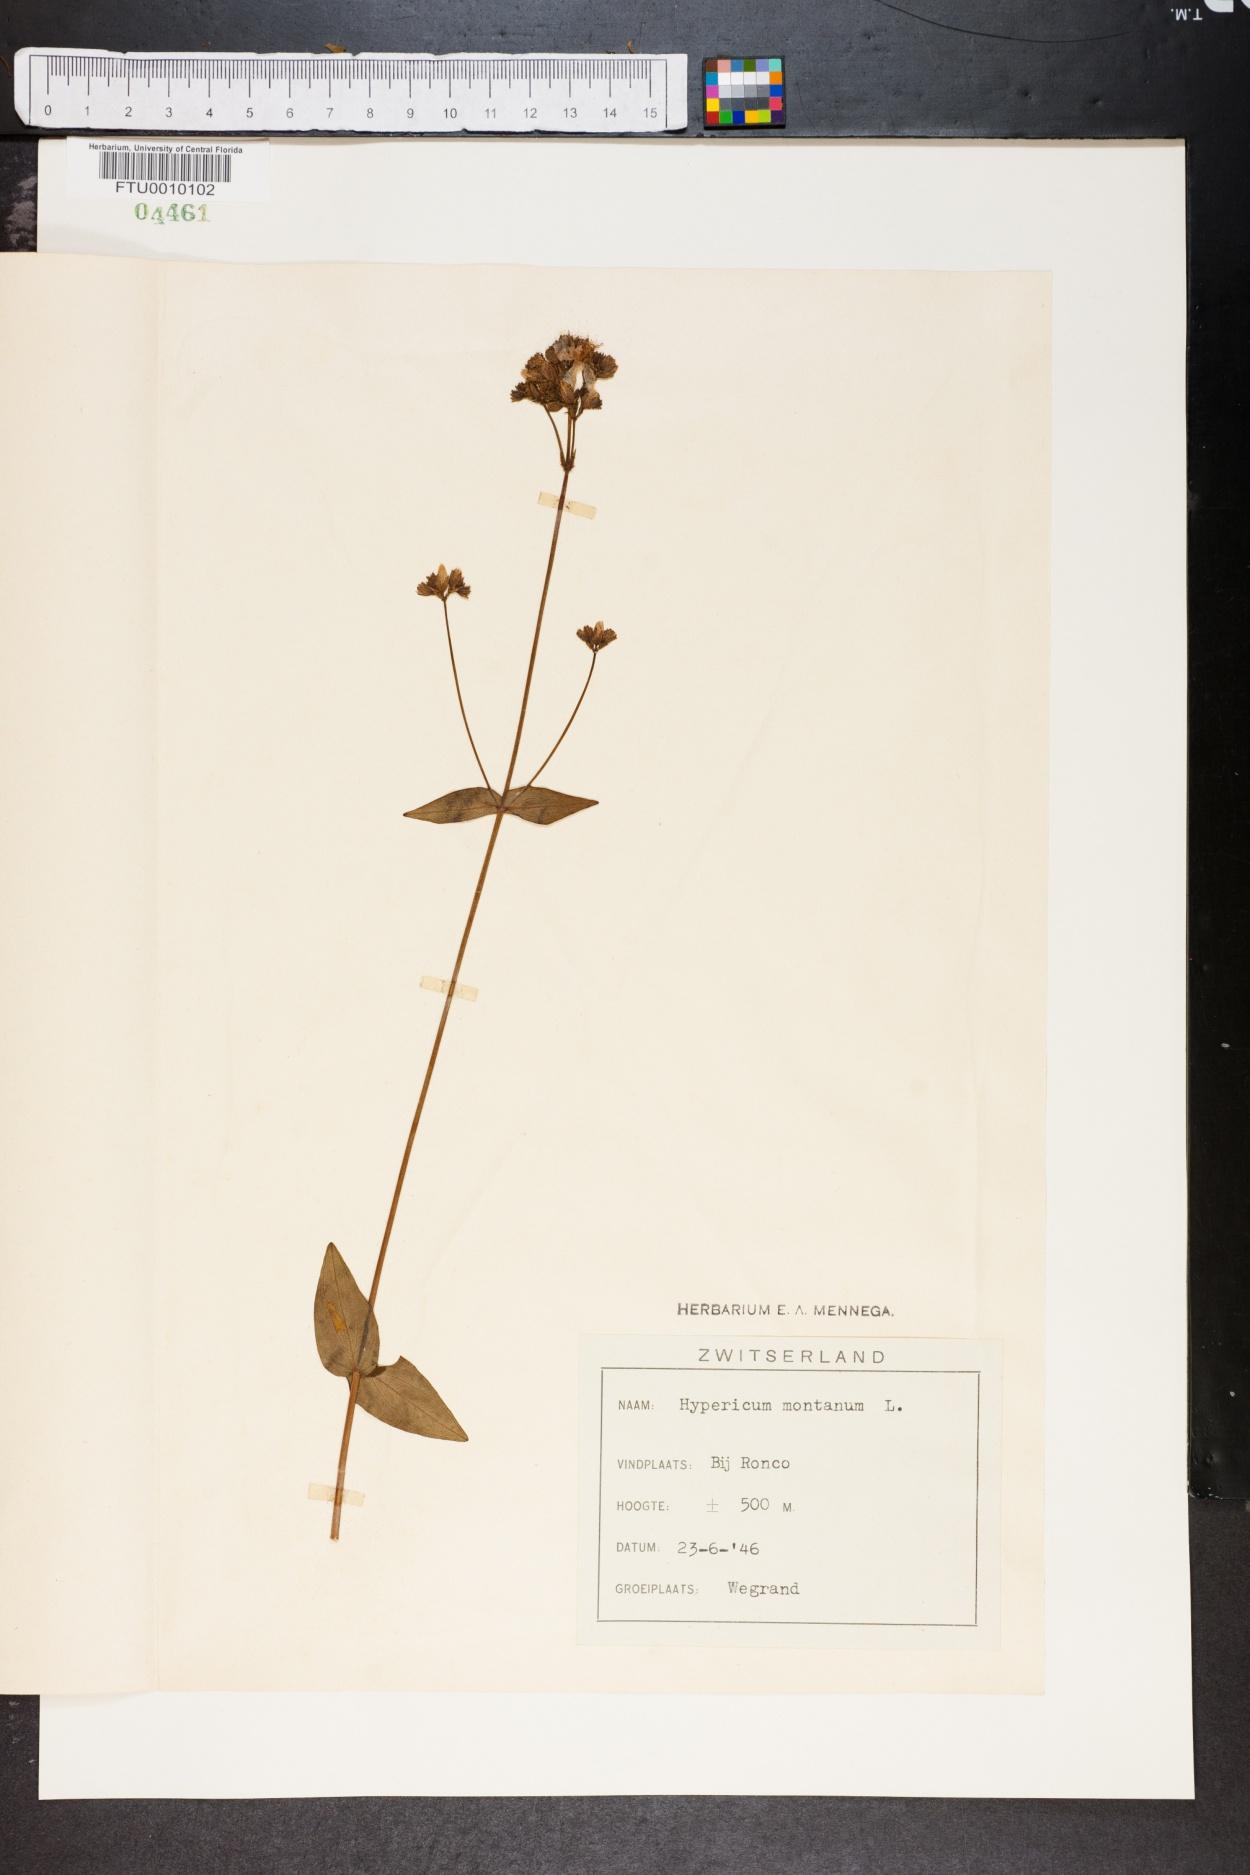 Hypericum montanum image